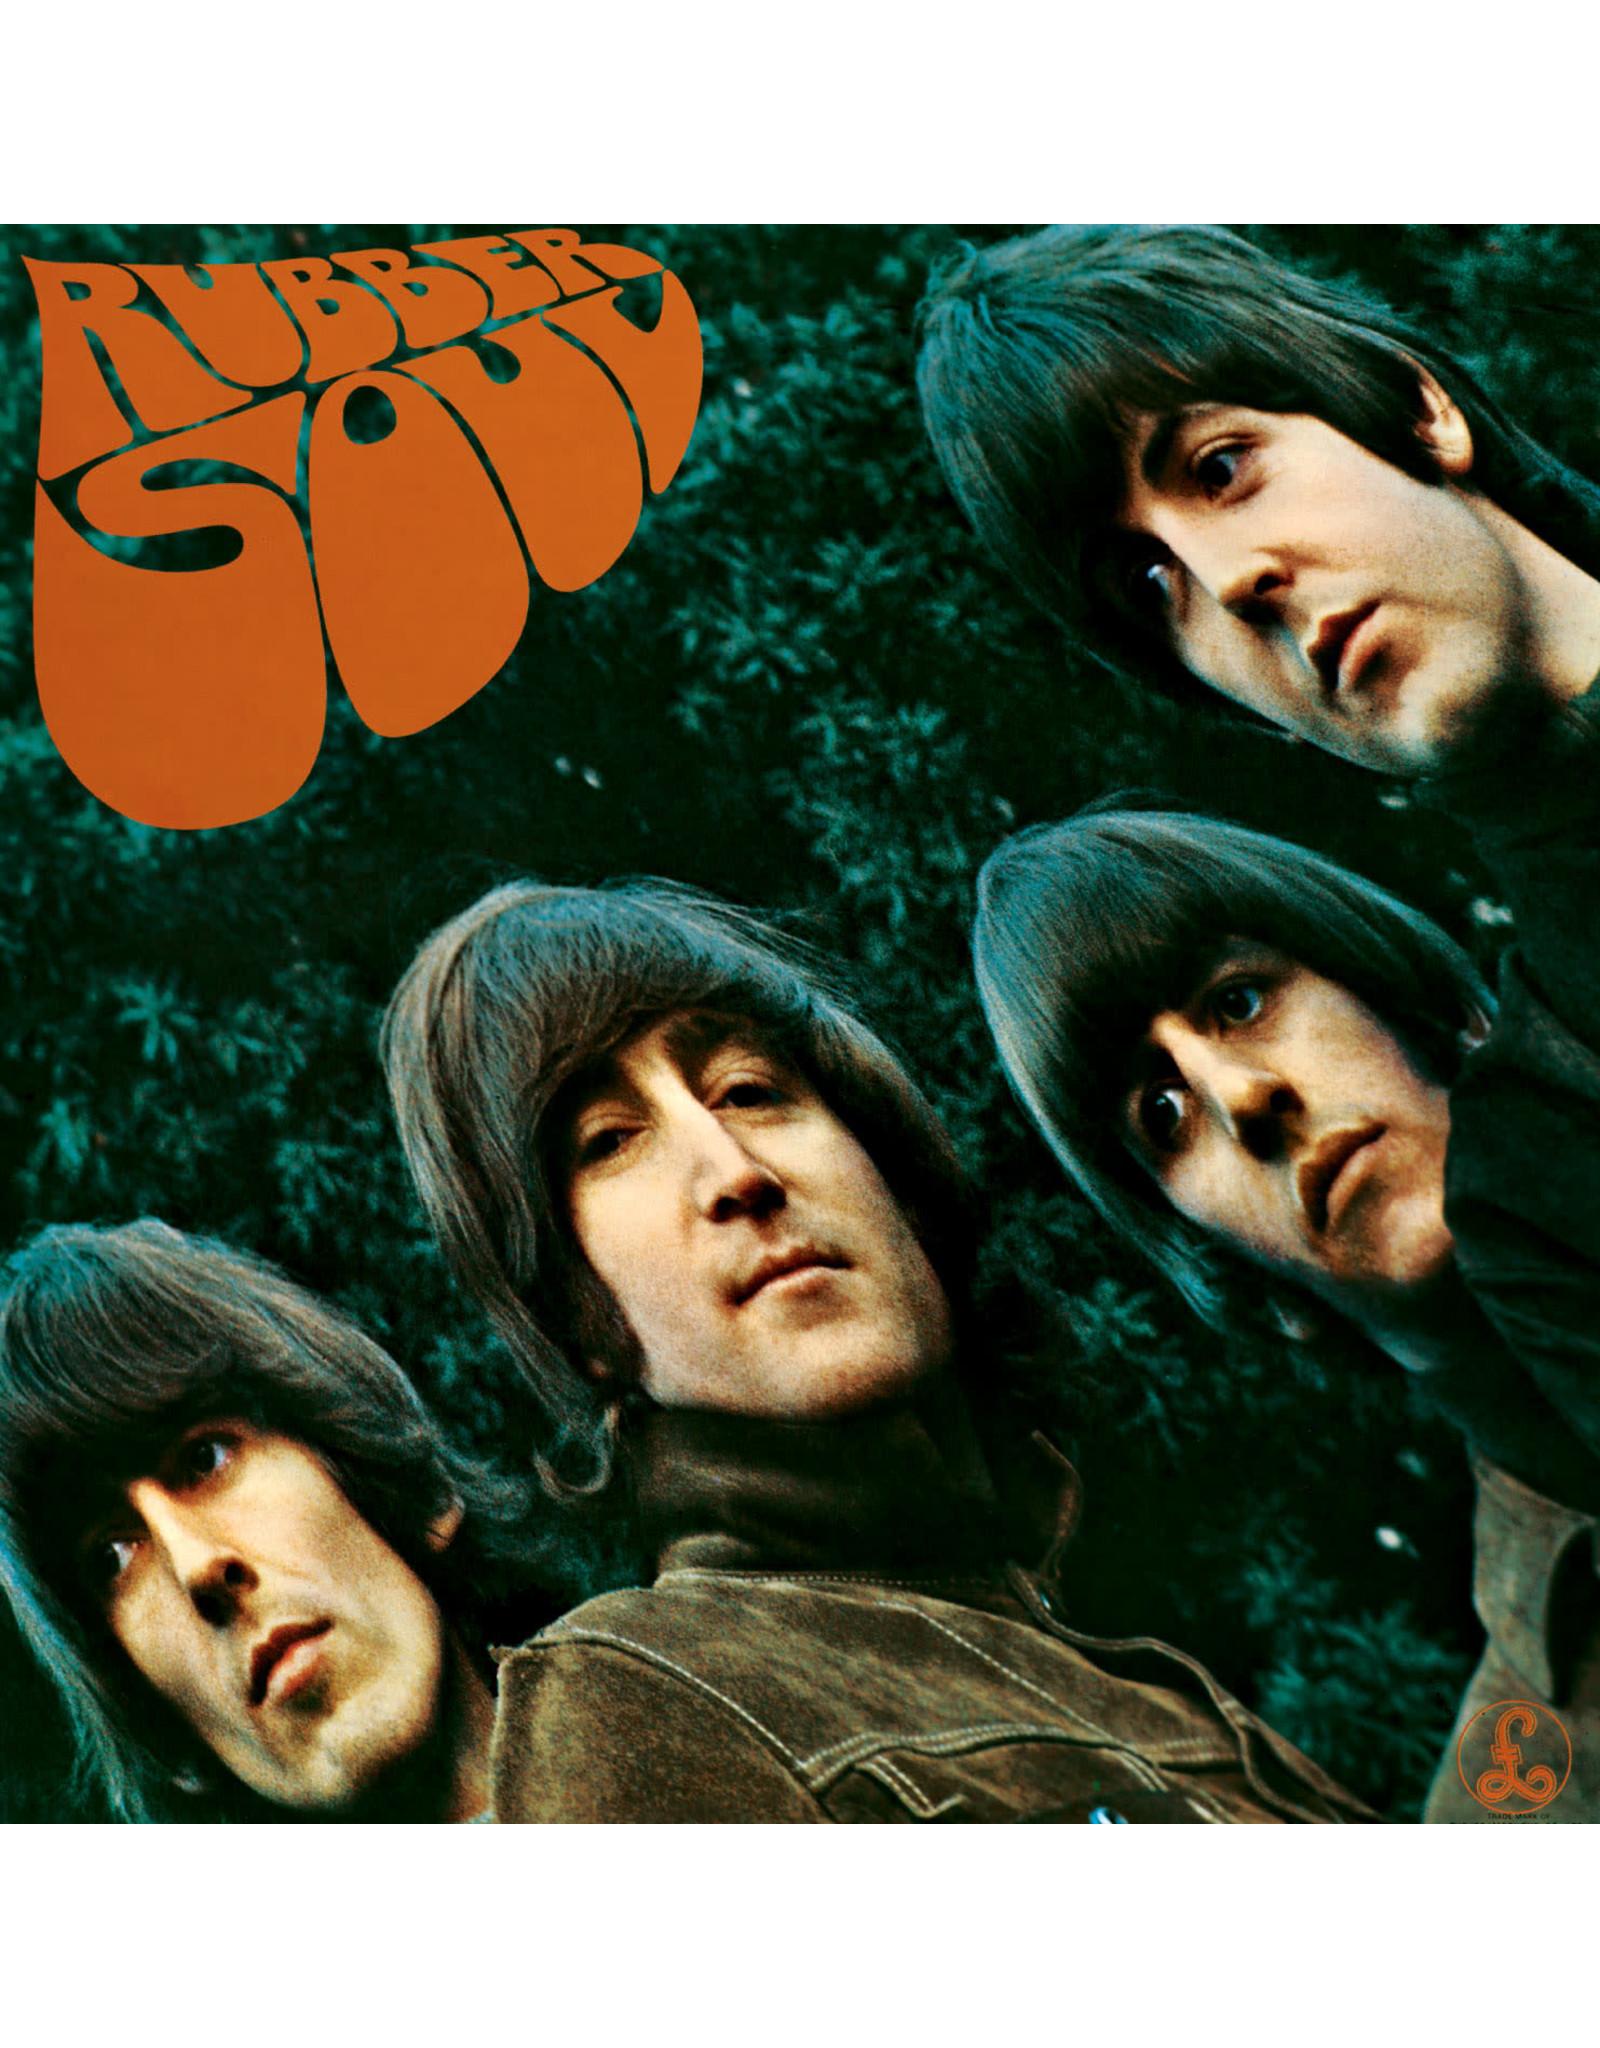 Beatles - Rubber Soul LP